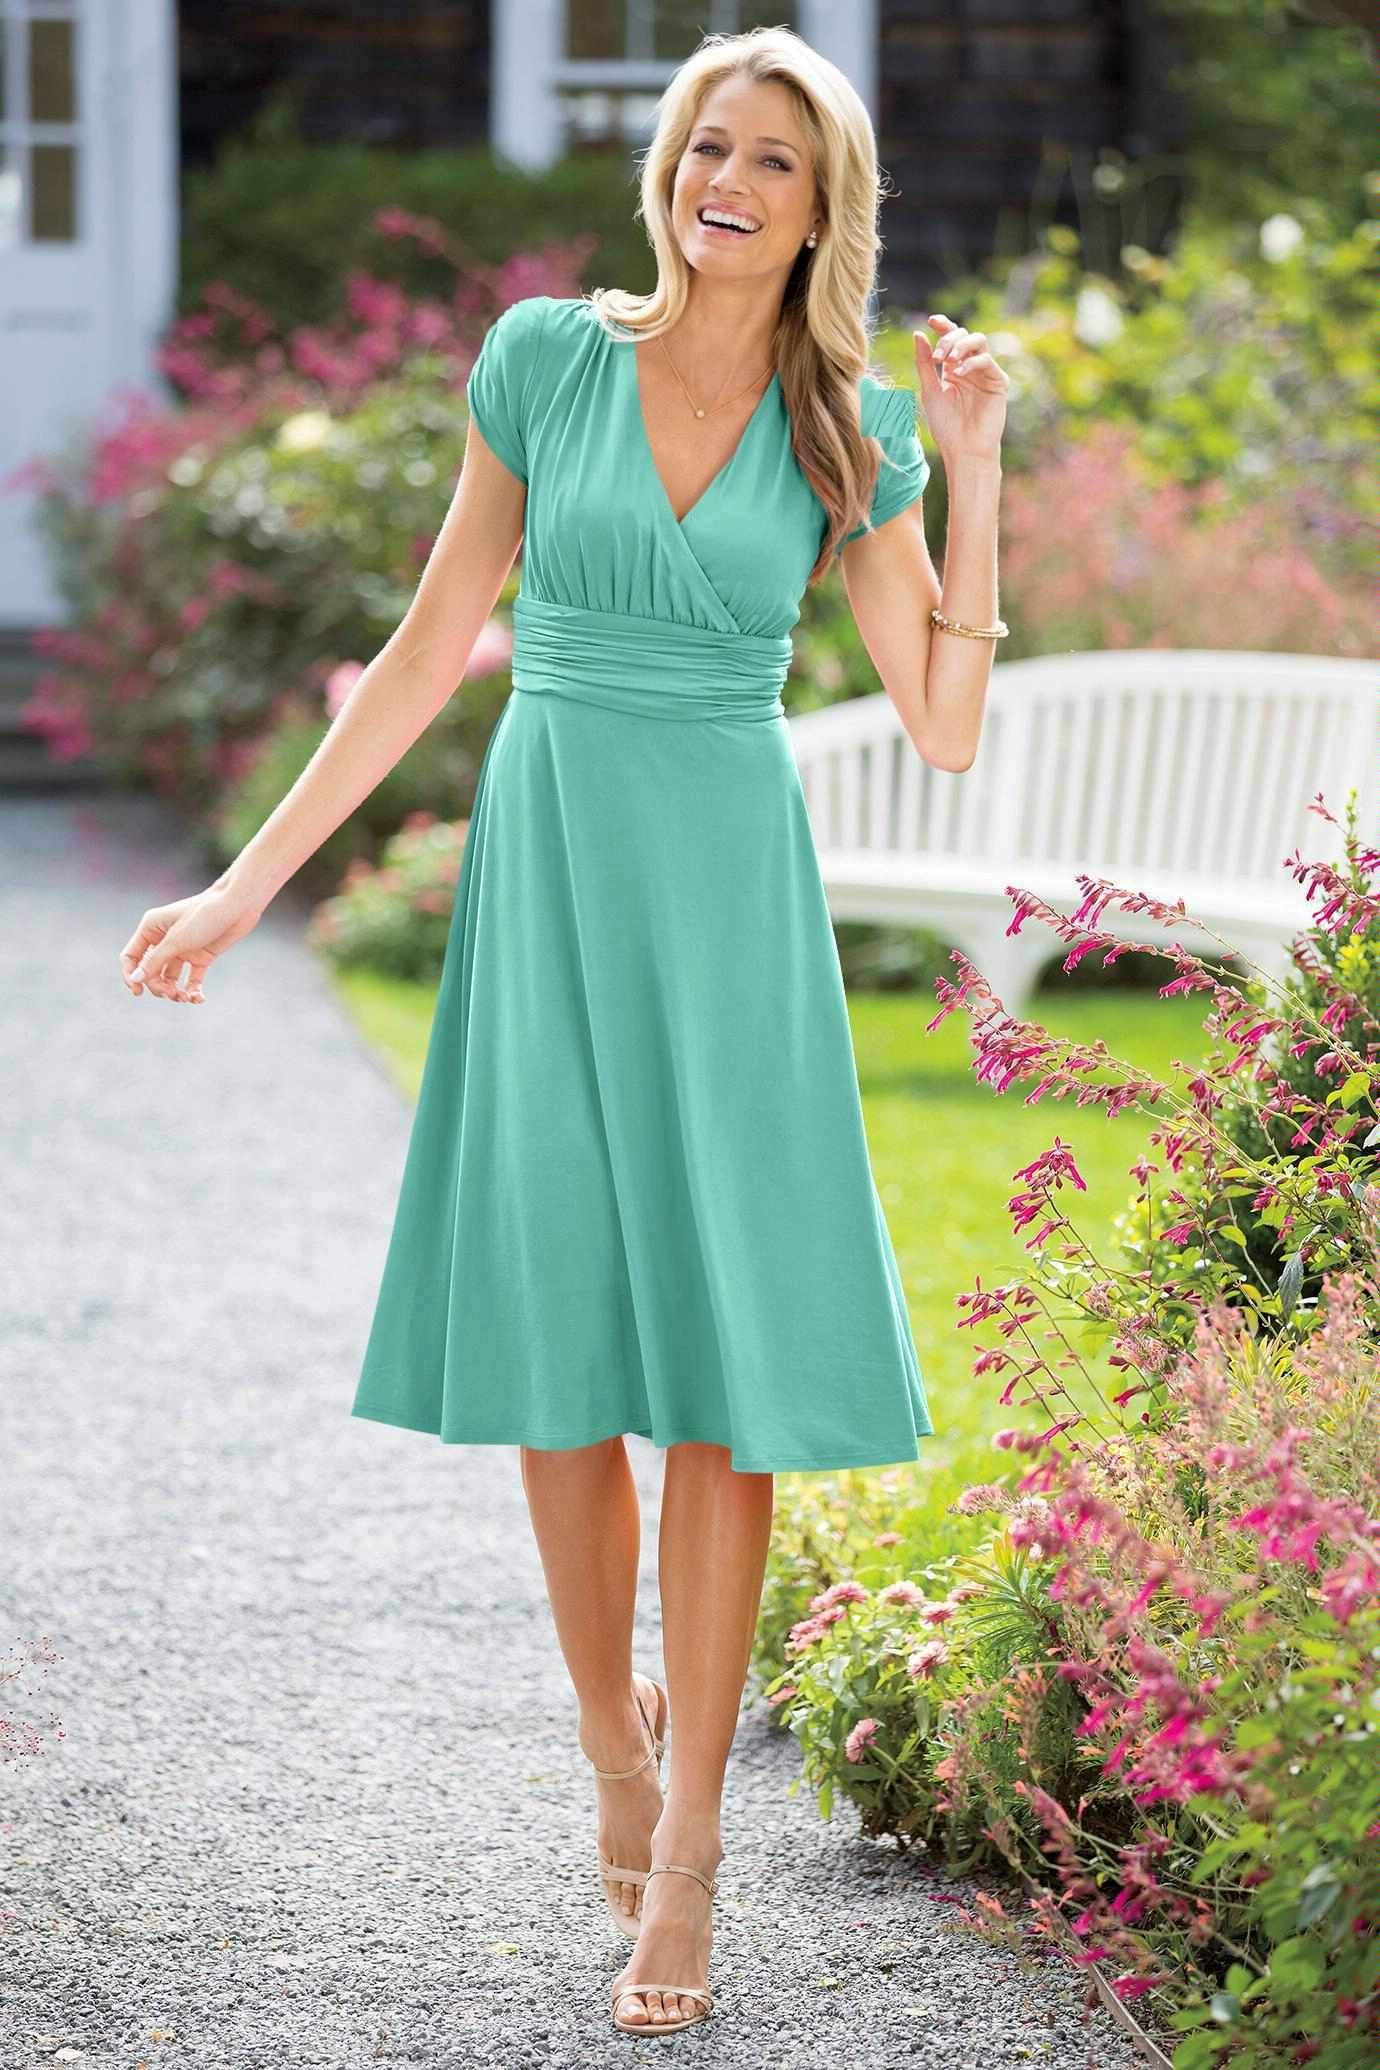 Modern Chadwicks Dresses For Weddings Vignette - All Wedding Dresses ...